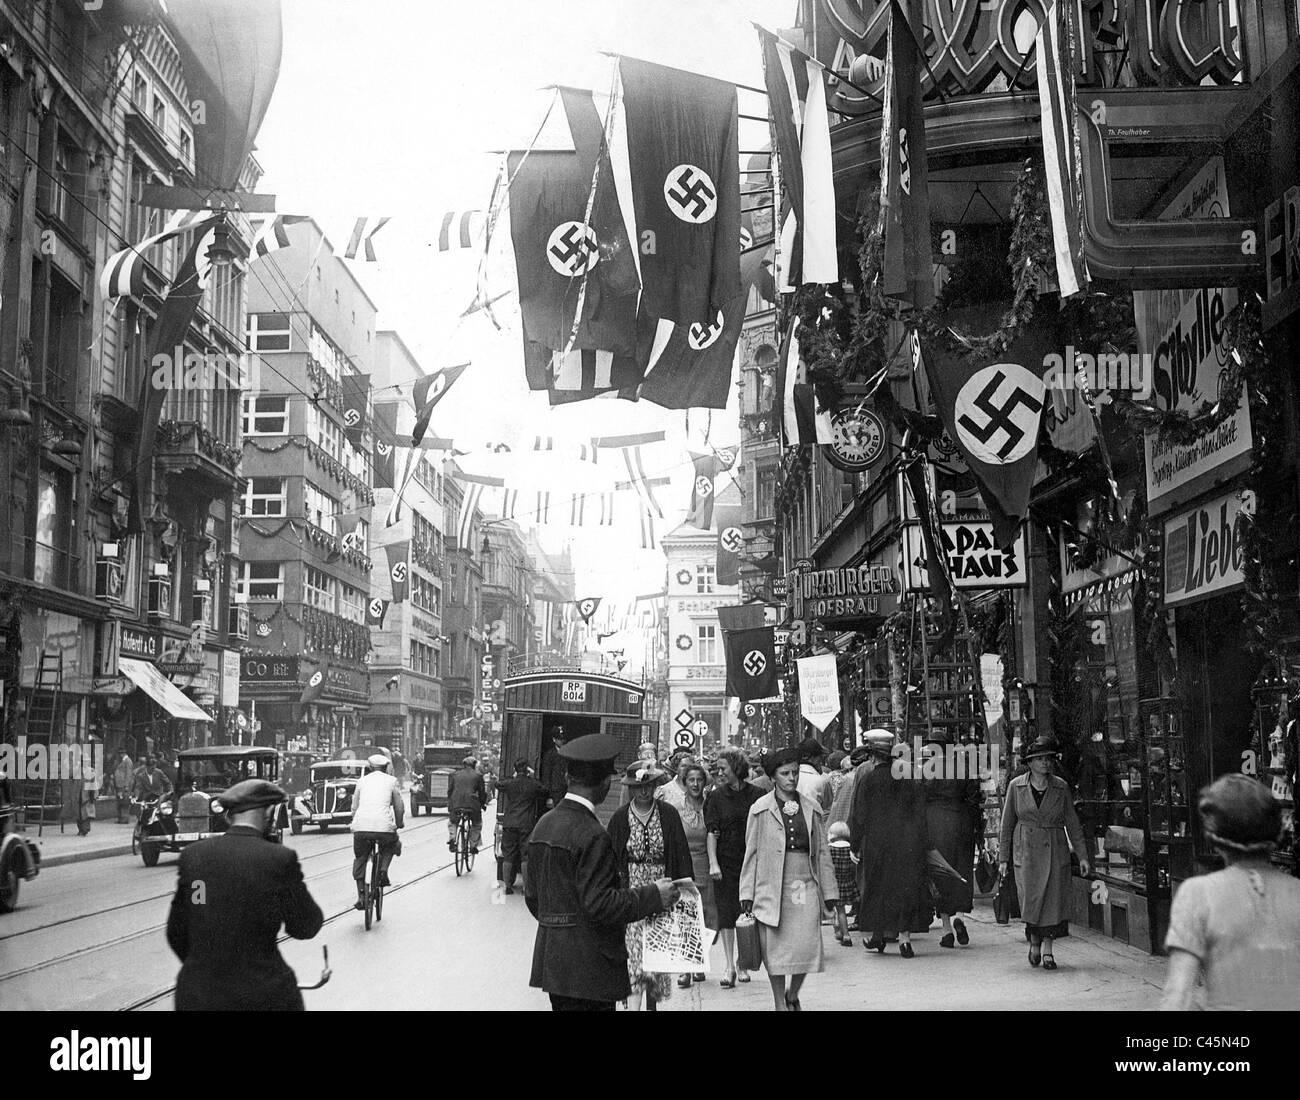 https://c8.alamy.com/comp/C45N4D/breslau-street-in-breslau-1938-C45N4D.jpg